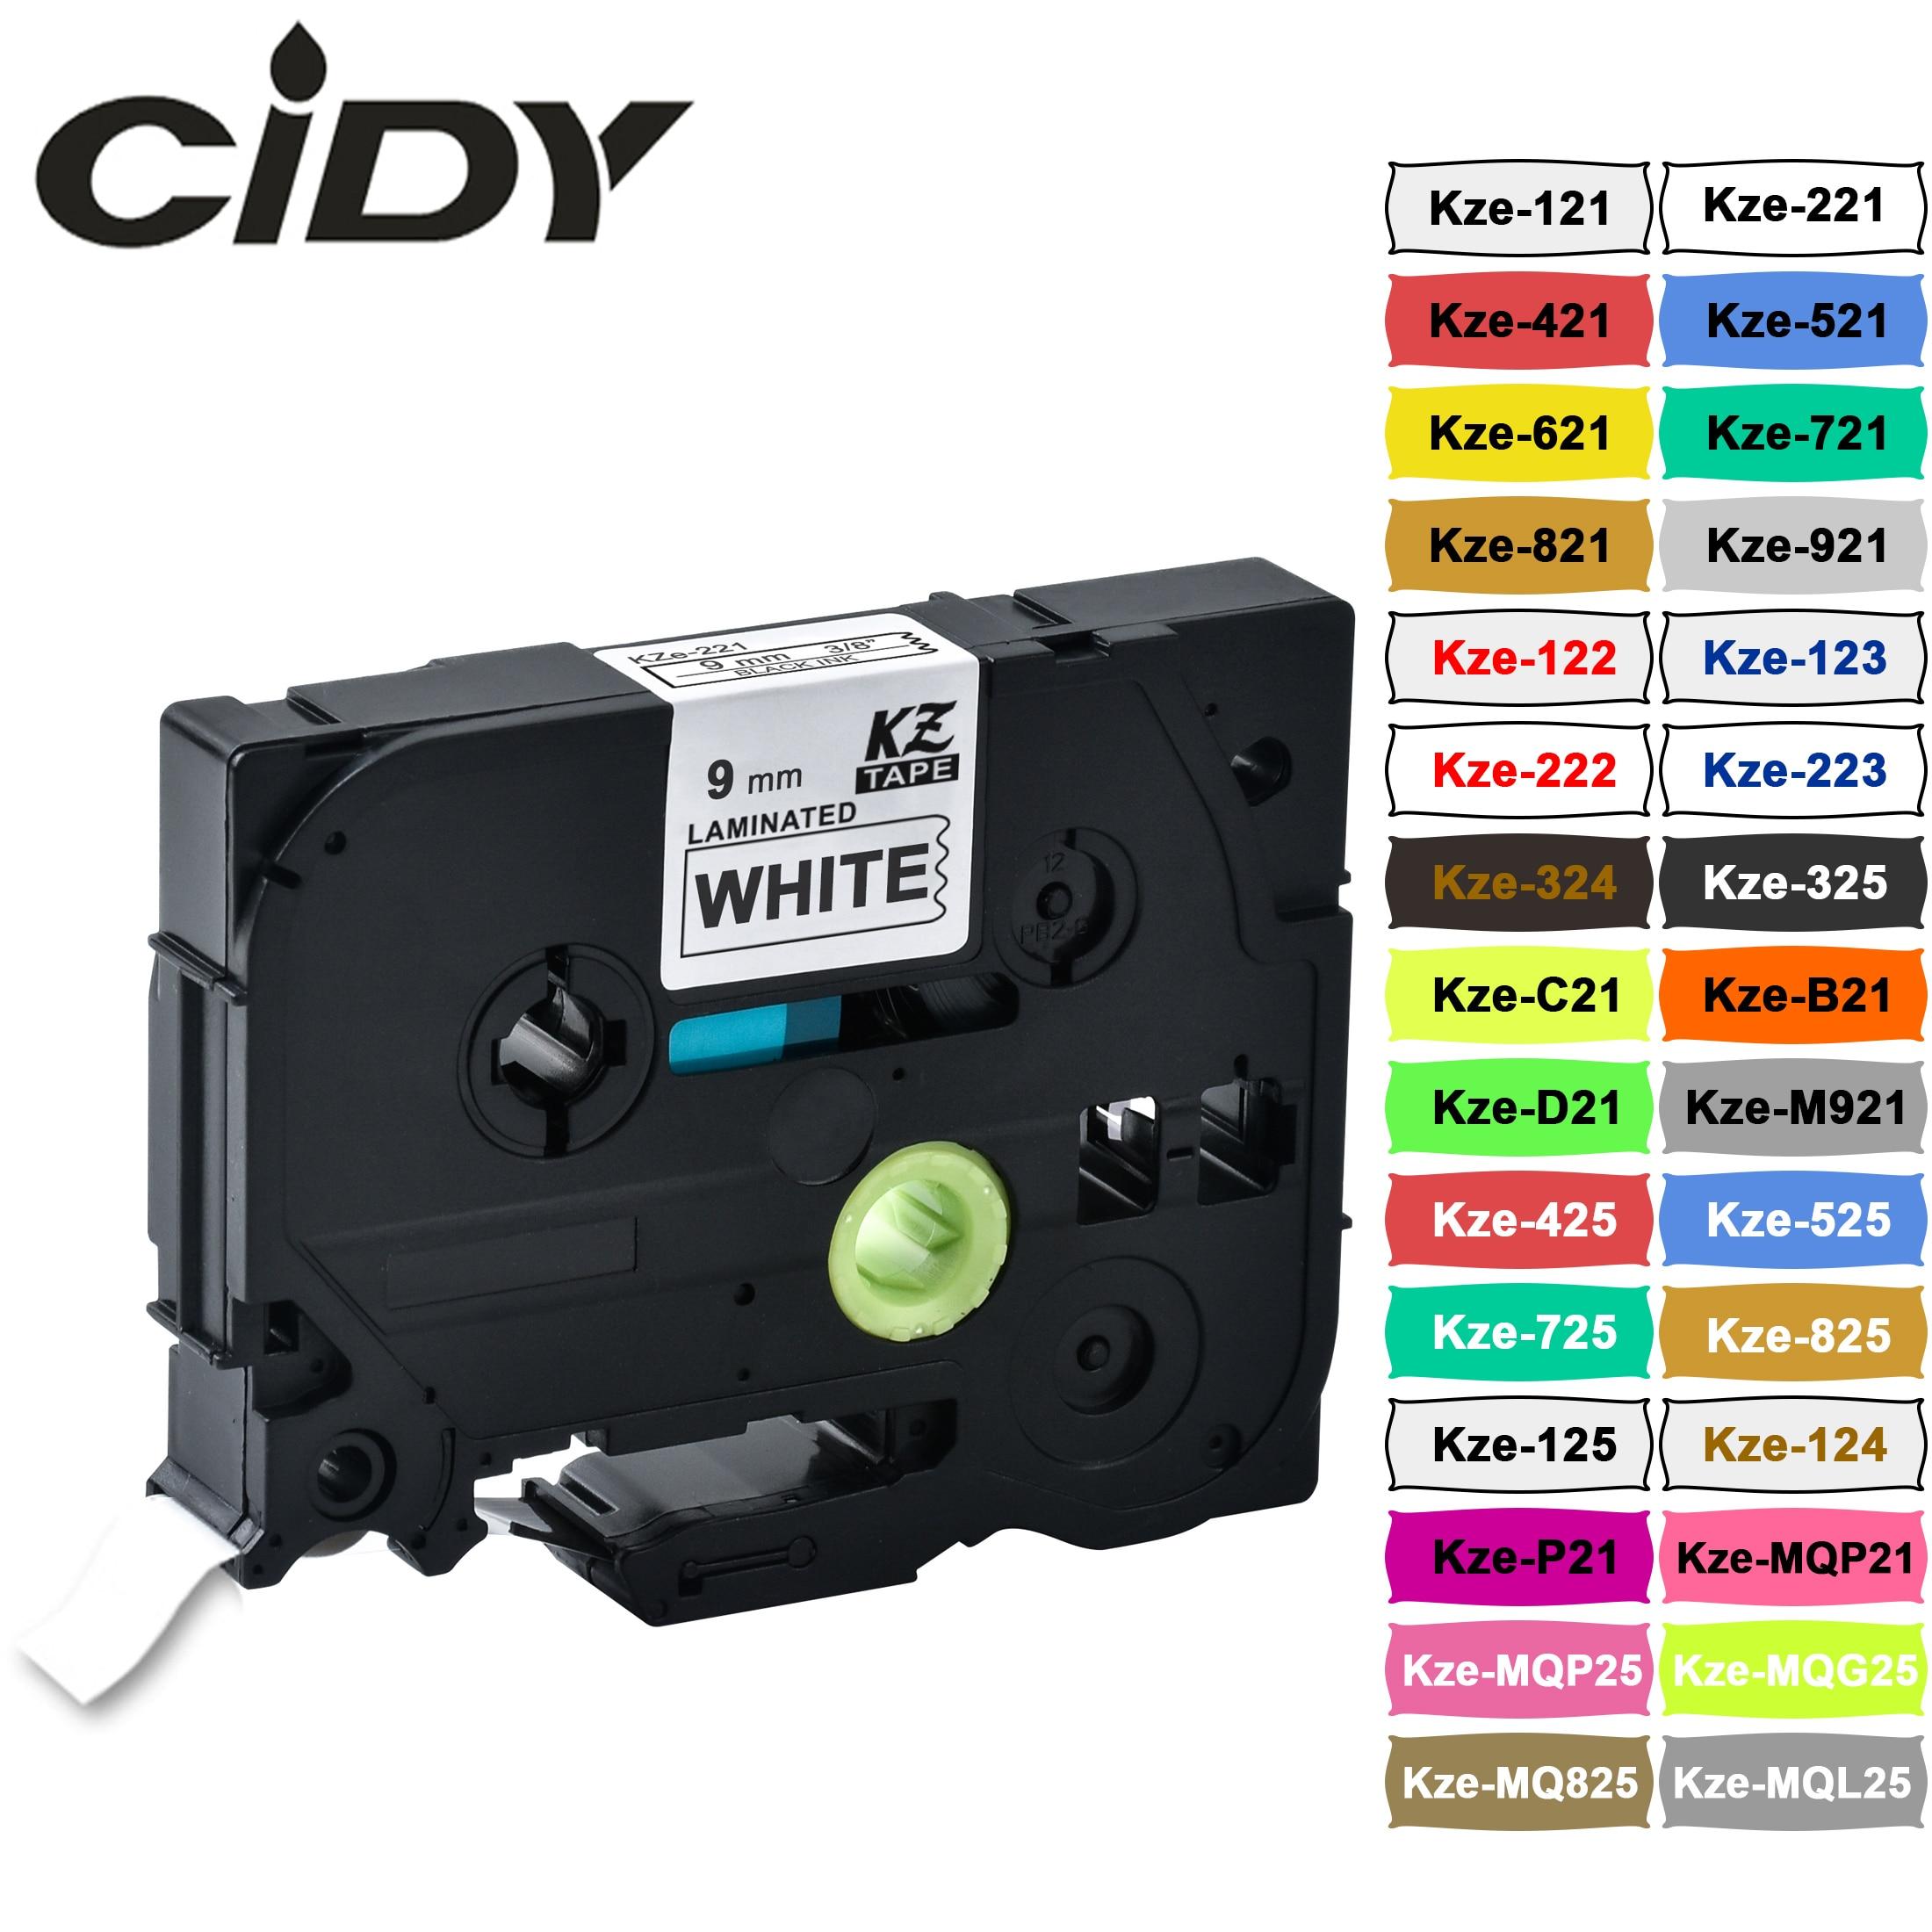 CIDY tze221 9mm Kompatibel laminiert tze 221 Schwarz auf weiß Label Band tze-221 tz-221 für brother p-touch drucker tze-121